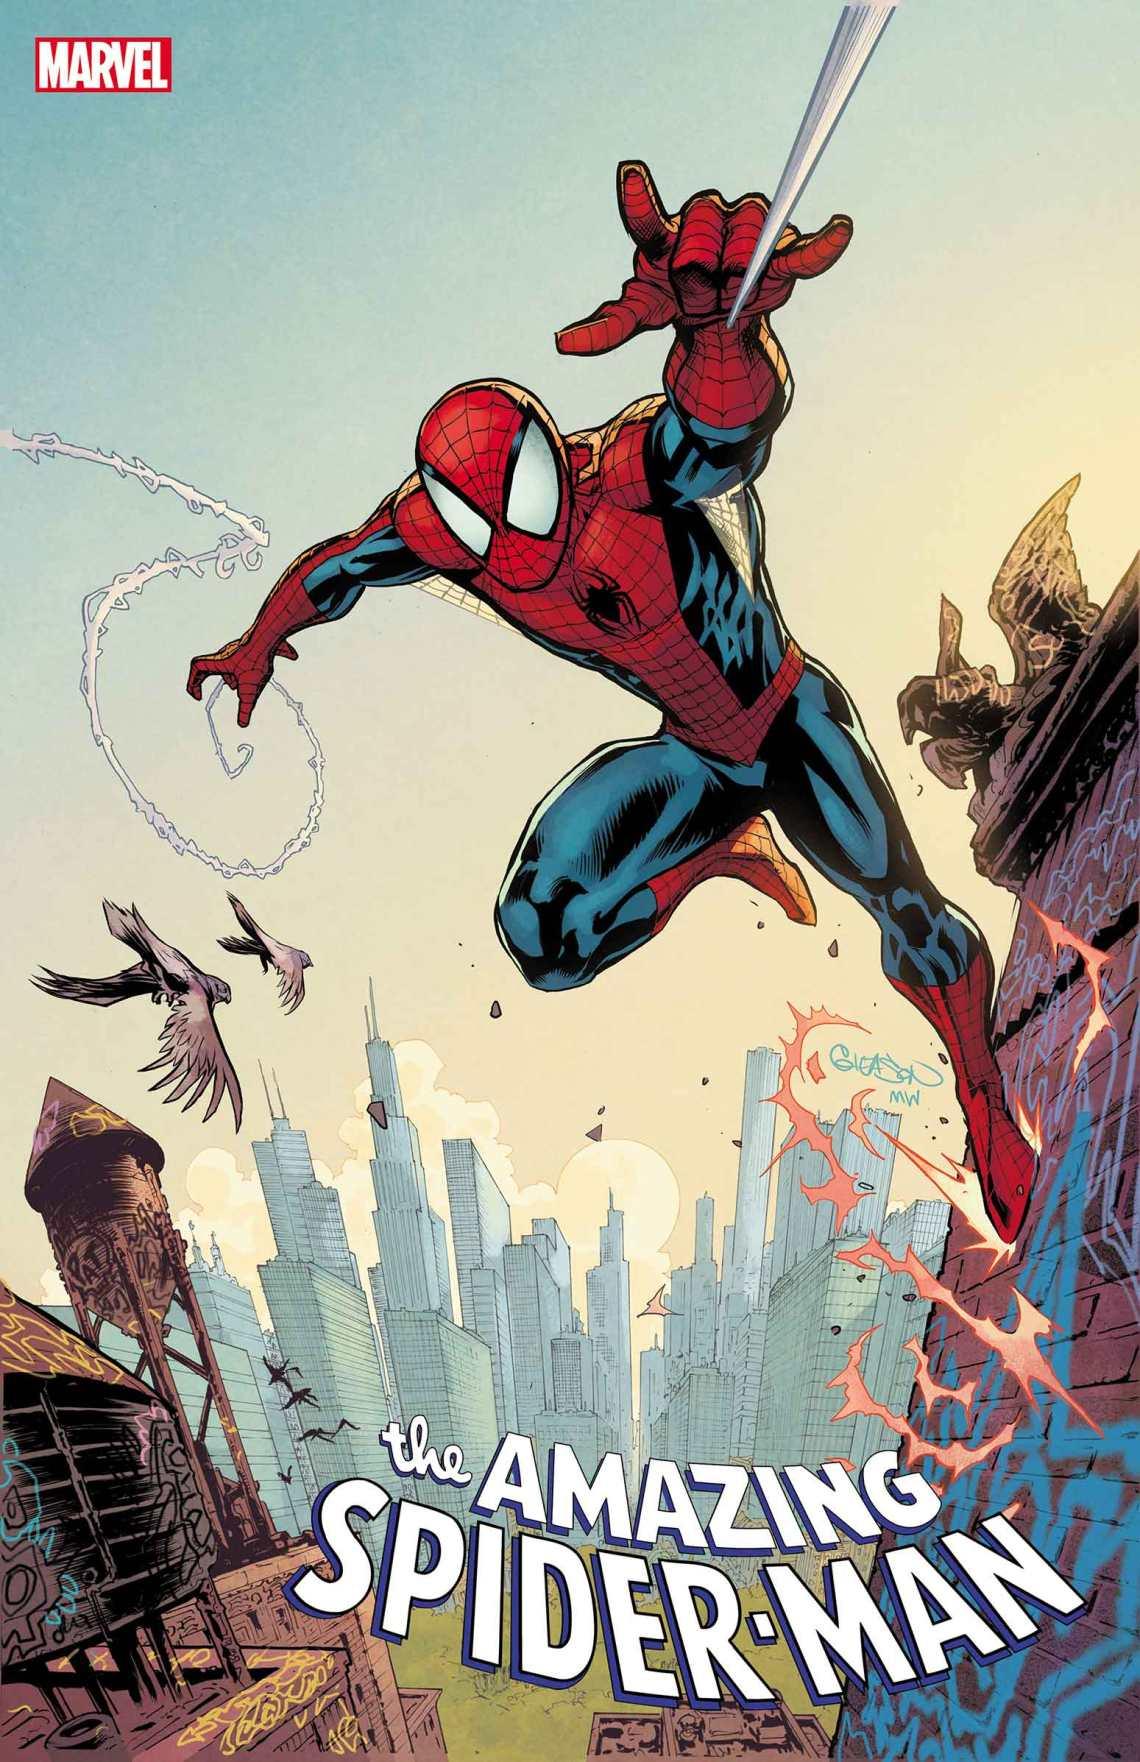 Marvel Solicitations October